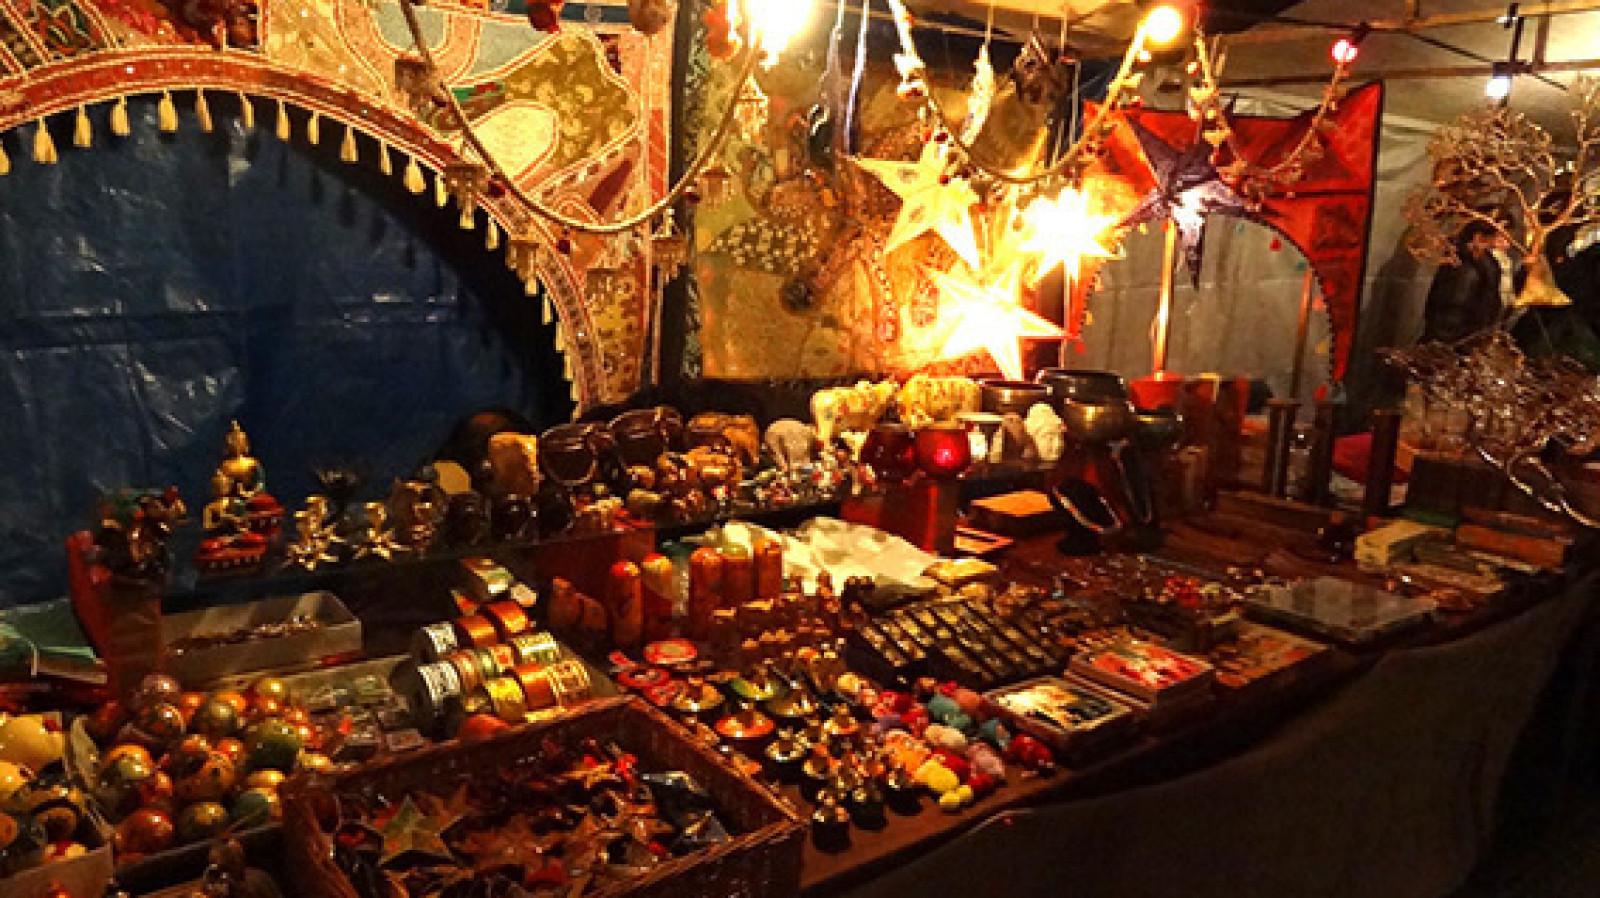 Gebrek Aan Steun Nekt Hilversumse Kerstmarkt Gemeente Mist Lef